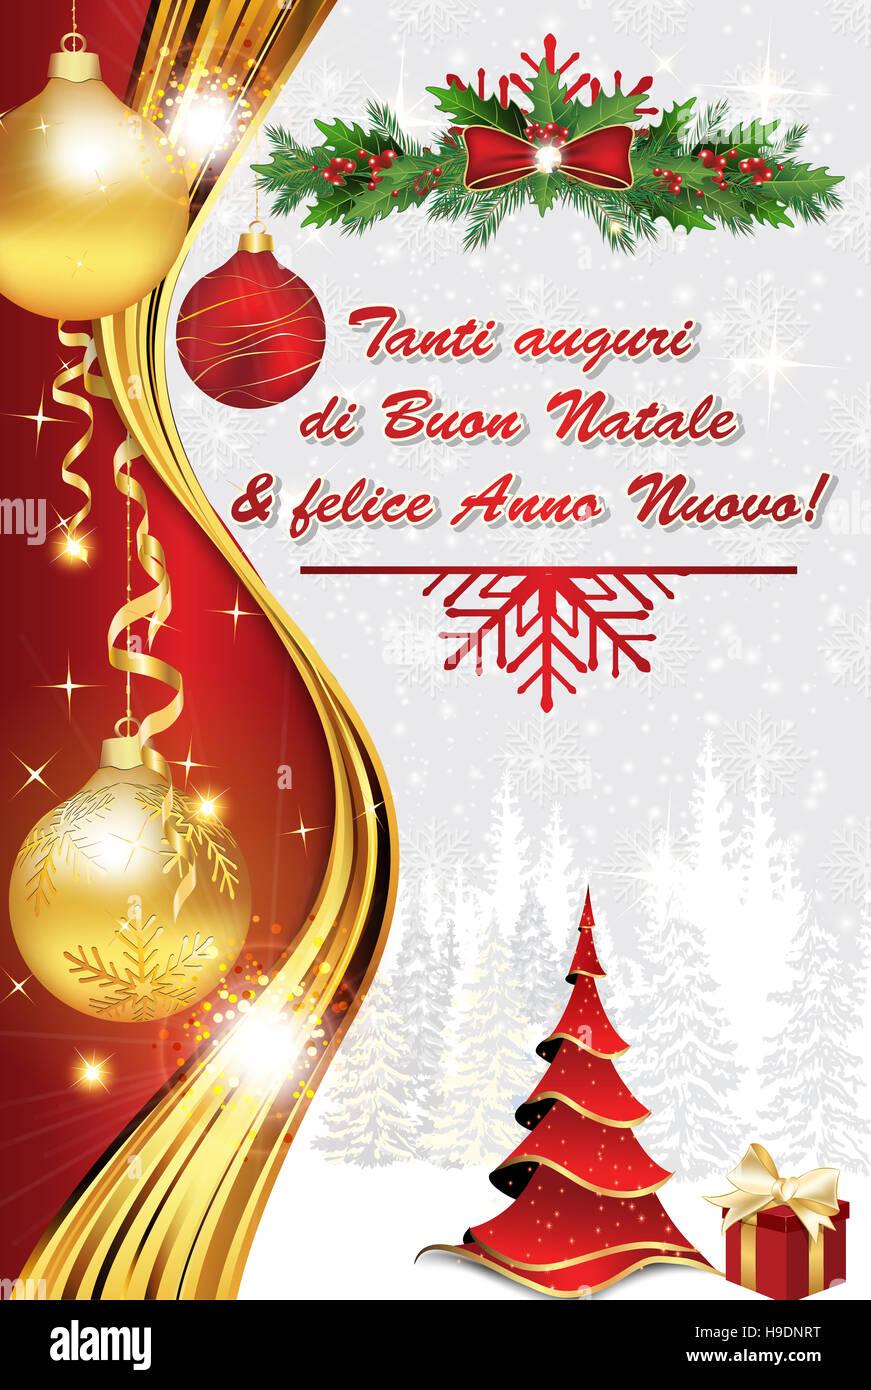 Estremamente Tanti auguri di Buon Natale & felice Anno Nuovo! - Biglietto Stock  ZW16